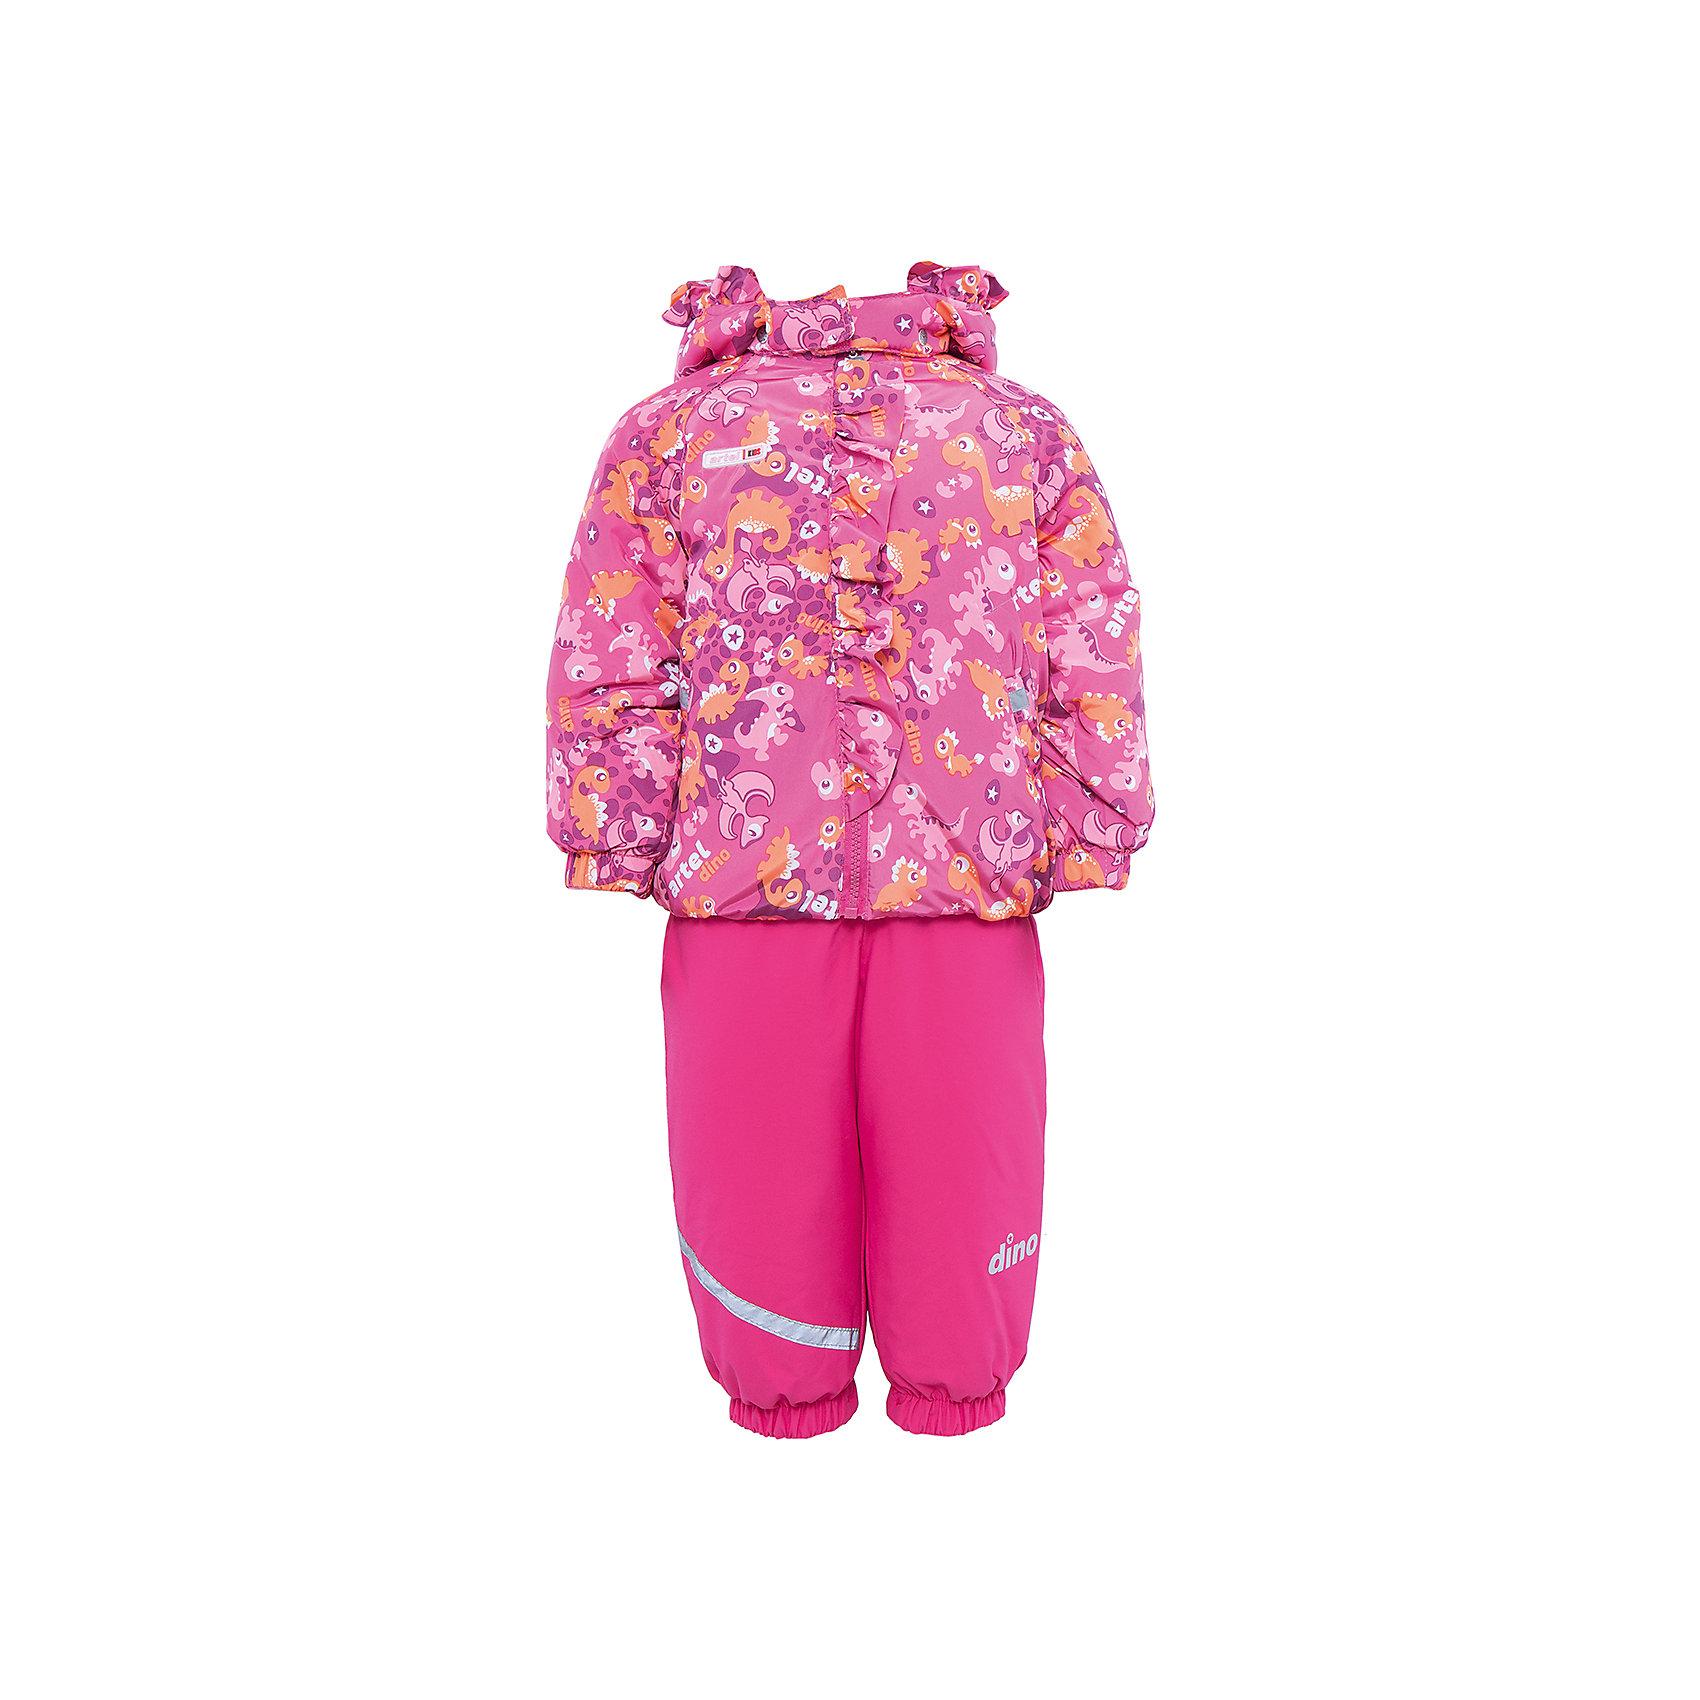 Комплект: куртка и полукомбинезон АртельВерхняя одежда<br>Комплект: куртка и полукомбинезон от известного бренда Артель<br>Комплект на современном утеплителеиз мембранной ткани, позволит малышу долго гулять даже в самую слякотную погоду, кататься с мокрых горок и не промокнуть. Куртка выполнена из ткани с оригинальным принтом динозавриков. Центральный замок на молнию прикрыт декоративной планкой-рюшей. Функцию дополнительной защиты от ветра выполняют: глубокий капюшон с резинкой по краю, кулиска с резинкой по низу куртки и резинка с флисовой внутренней вставкой на рукавах. У полукомбинезона регулируется длина бретелек. По низу штанишек расположены штрипки, которые фиксируются на сапожках, удерживают штанину от задирания и обеспечивают дополнительную защиту от скольжения. Сзади, по линии талии, для дополнительной фиксации, расположена резинка.<br>Состав:<br>Верх: КВ-703<br>Подкладка: интерлок, ПЭ<br>Утеплитель: термофин 200гр<br><br>Ширина мм: 215<br>Глубина мм: 88<br>Высота мм: 191<br>Вес г: 336<br>Цвет: розовый<br>Возраст от месяцев: 12<br>Возраст до месяцев: 15<br>Пол: Женский<br>Возраст: Детский<br>Размер: 80,110,86,92,98,104<br>SKU: 4963907